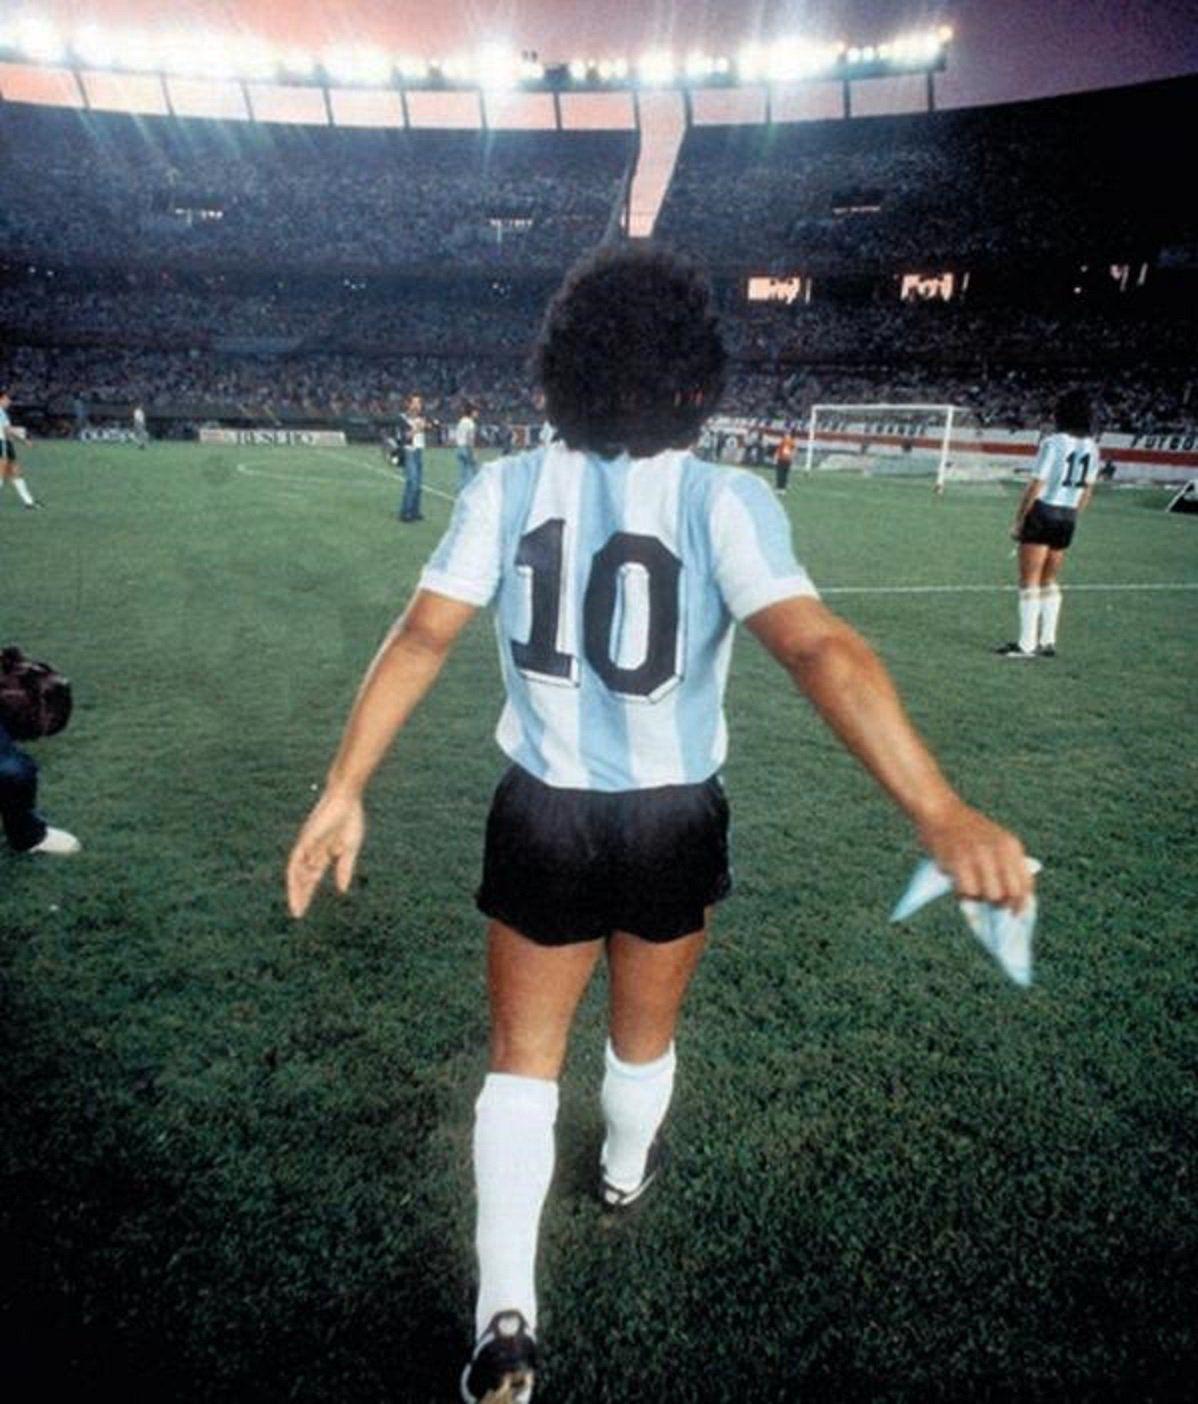 """Lapelotanosemancha on Twitter: """"""""Diego es el 10 que no nos sacamos en otras materias"""", Roberto Fontanarrosa. ¡Buen día, maradoneanos! https://t.co/MmFujEHlXh"""""""